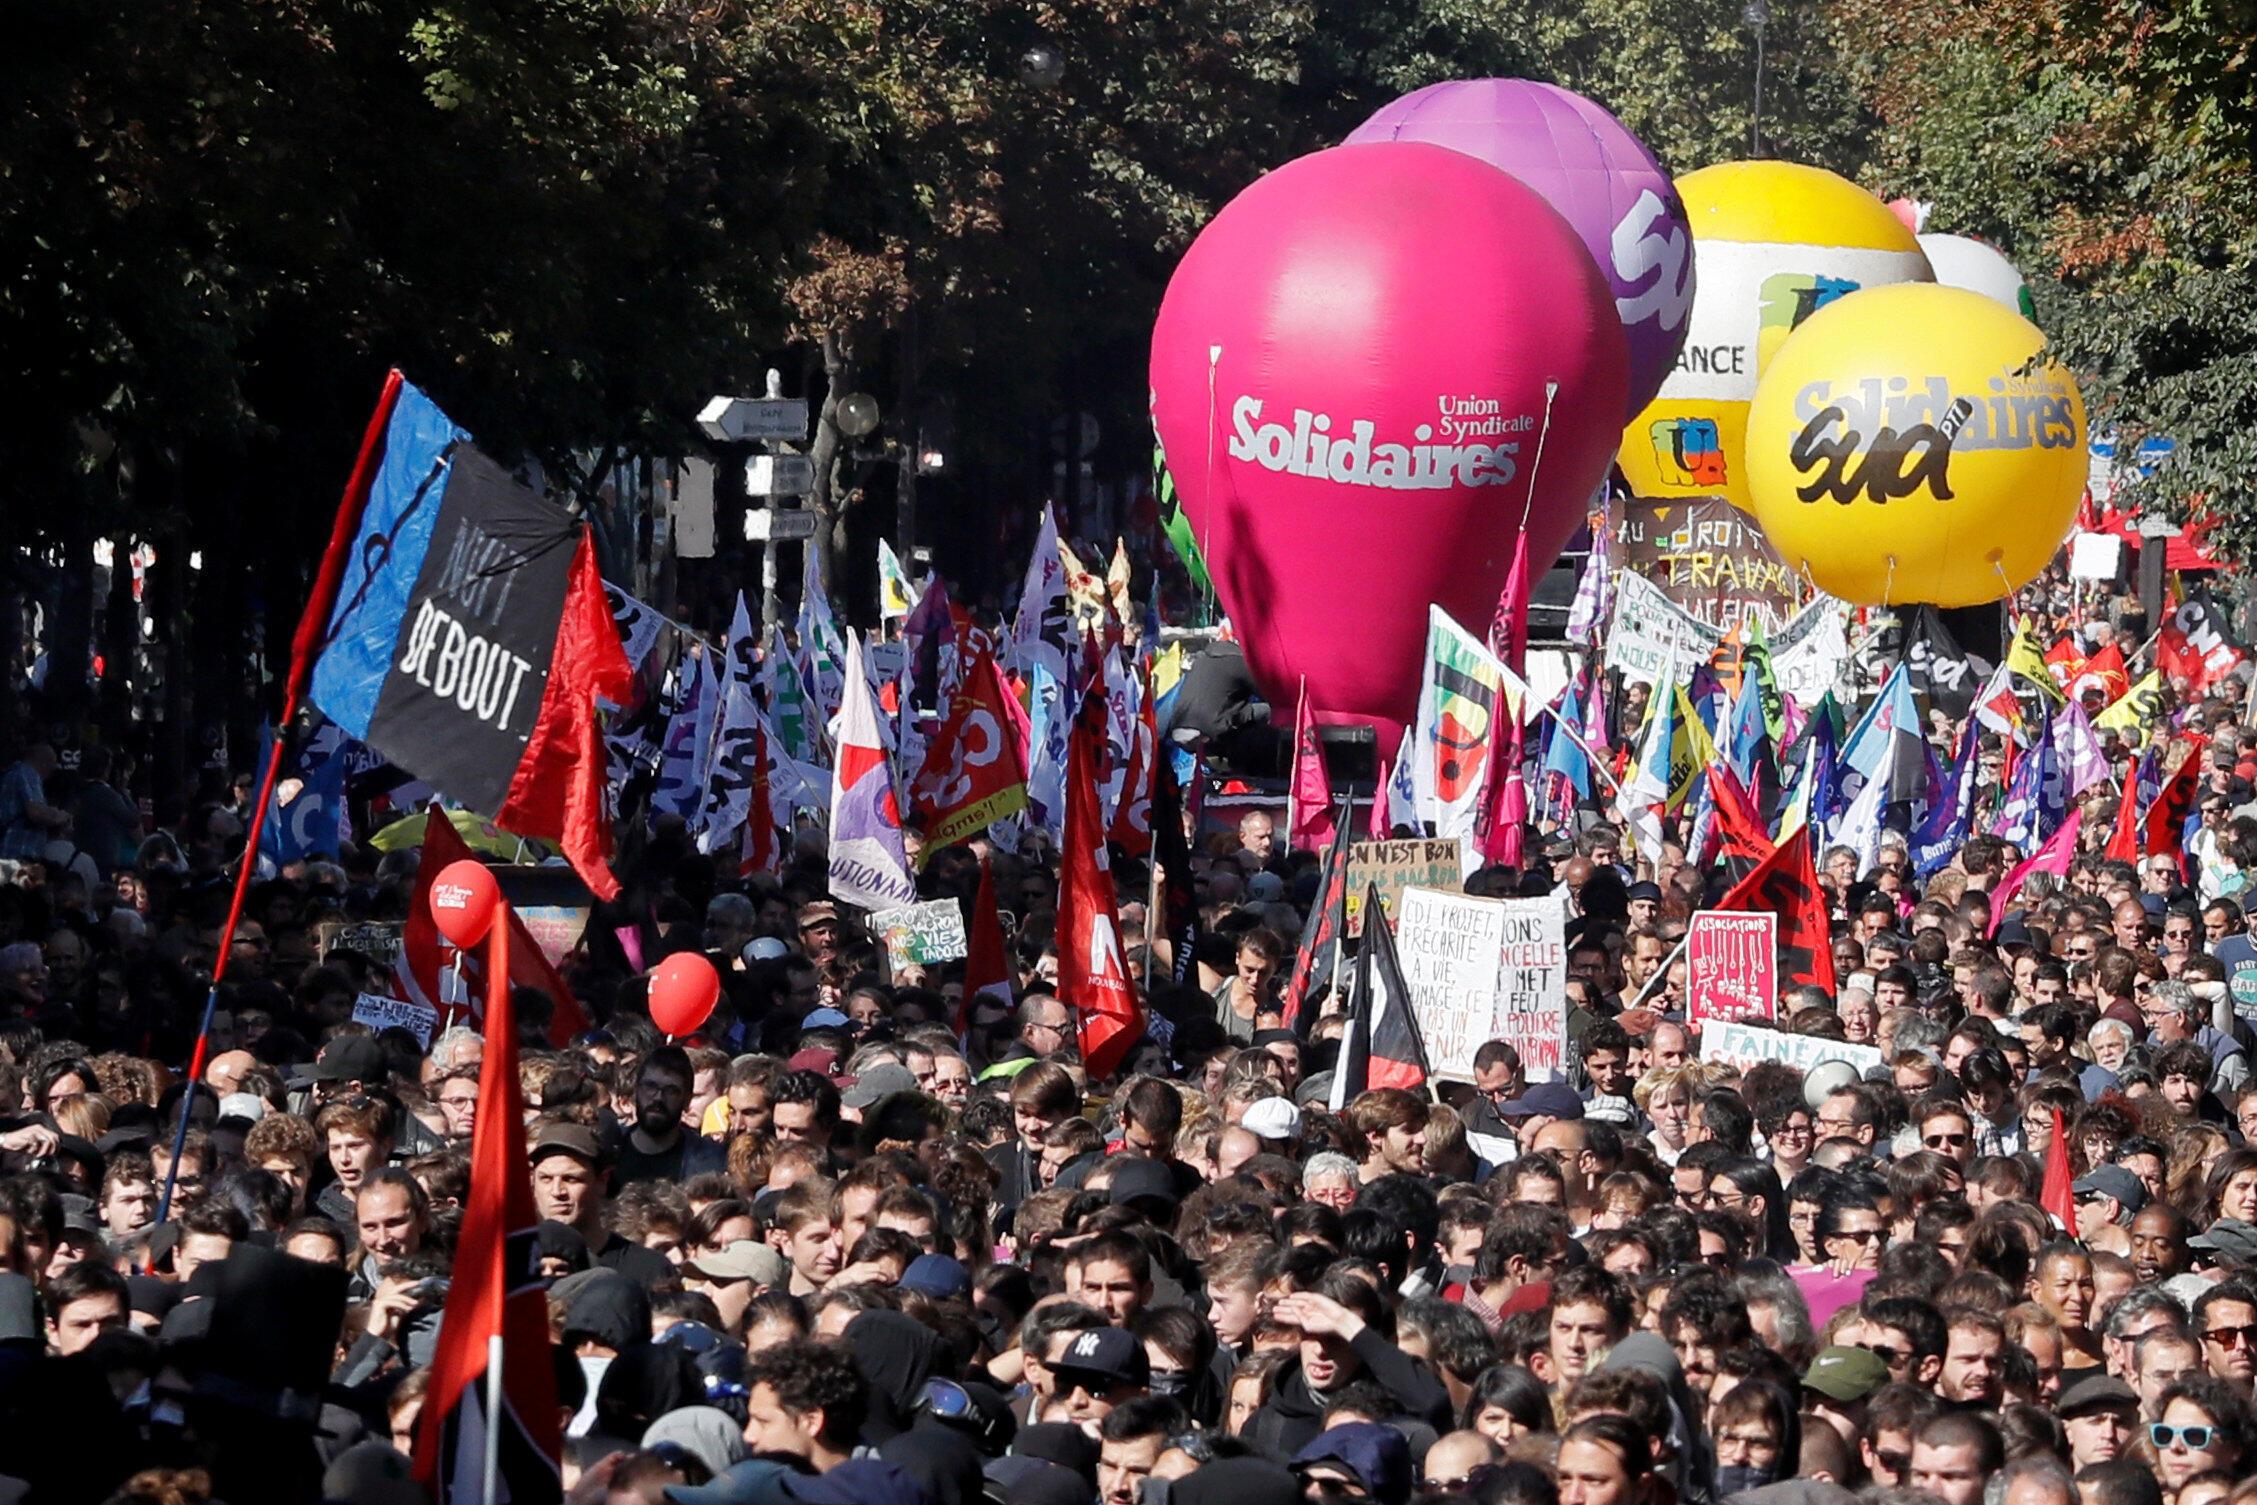 گوشه ای از تظاهرات روز پنجشنبه 21 سپتامبر 2017 در پاریس.